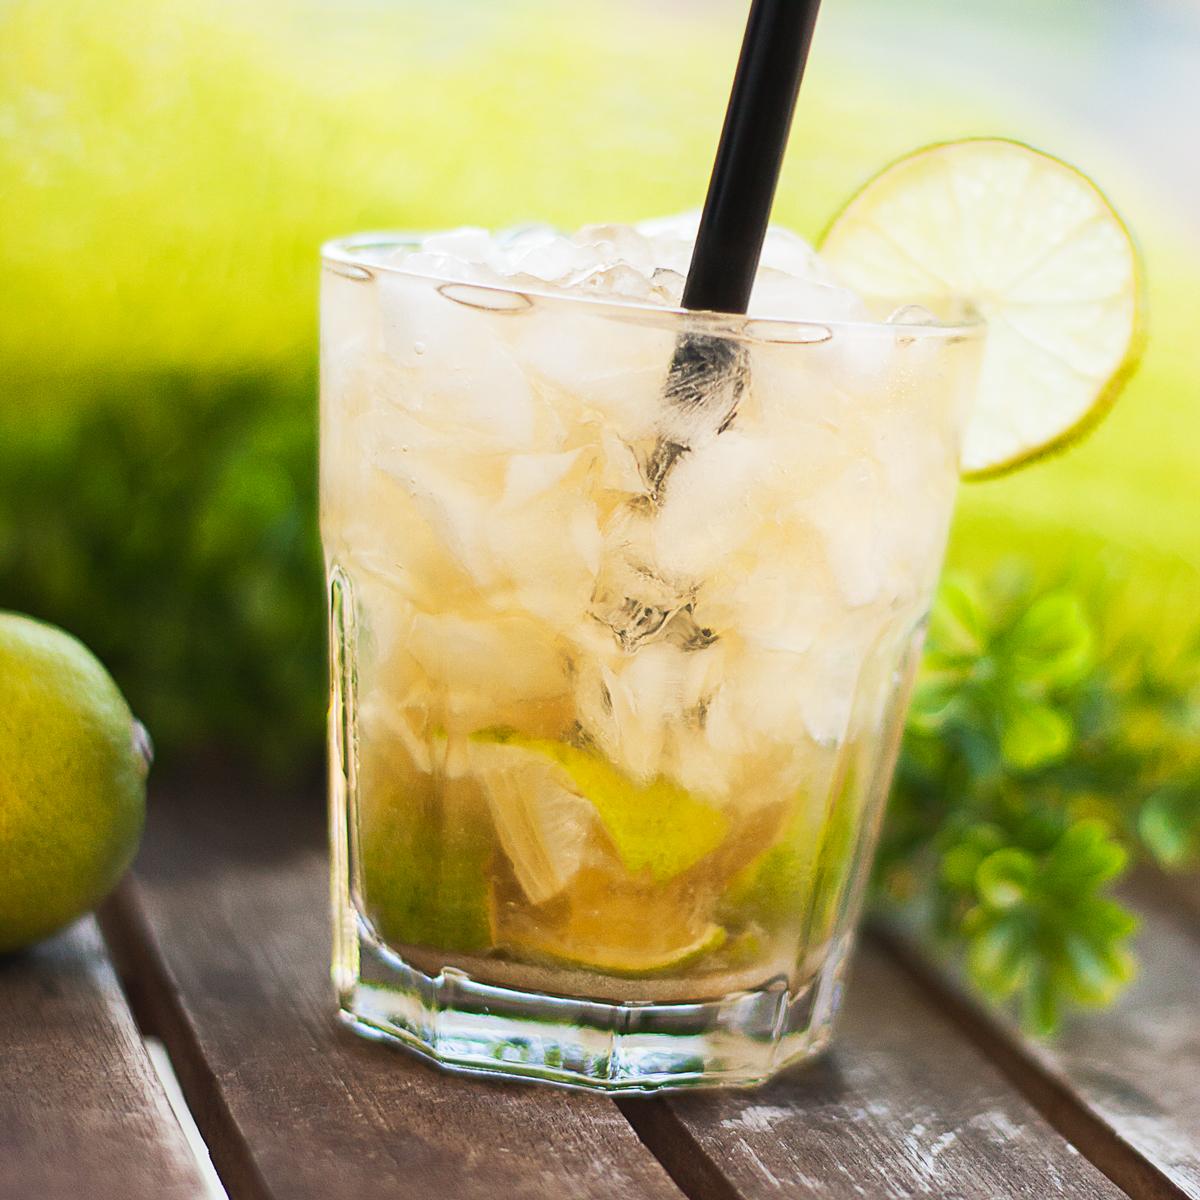 Der Low Carb Caipirinha ist ein leckerer sommerlicher Cocktail. Das Rezept ist zudem glutenfrei.